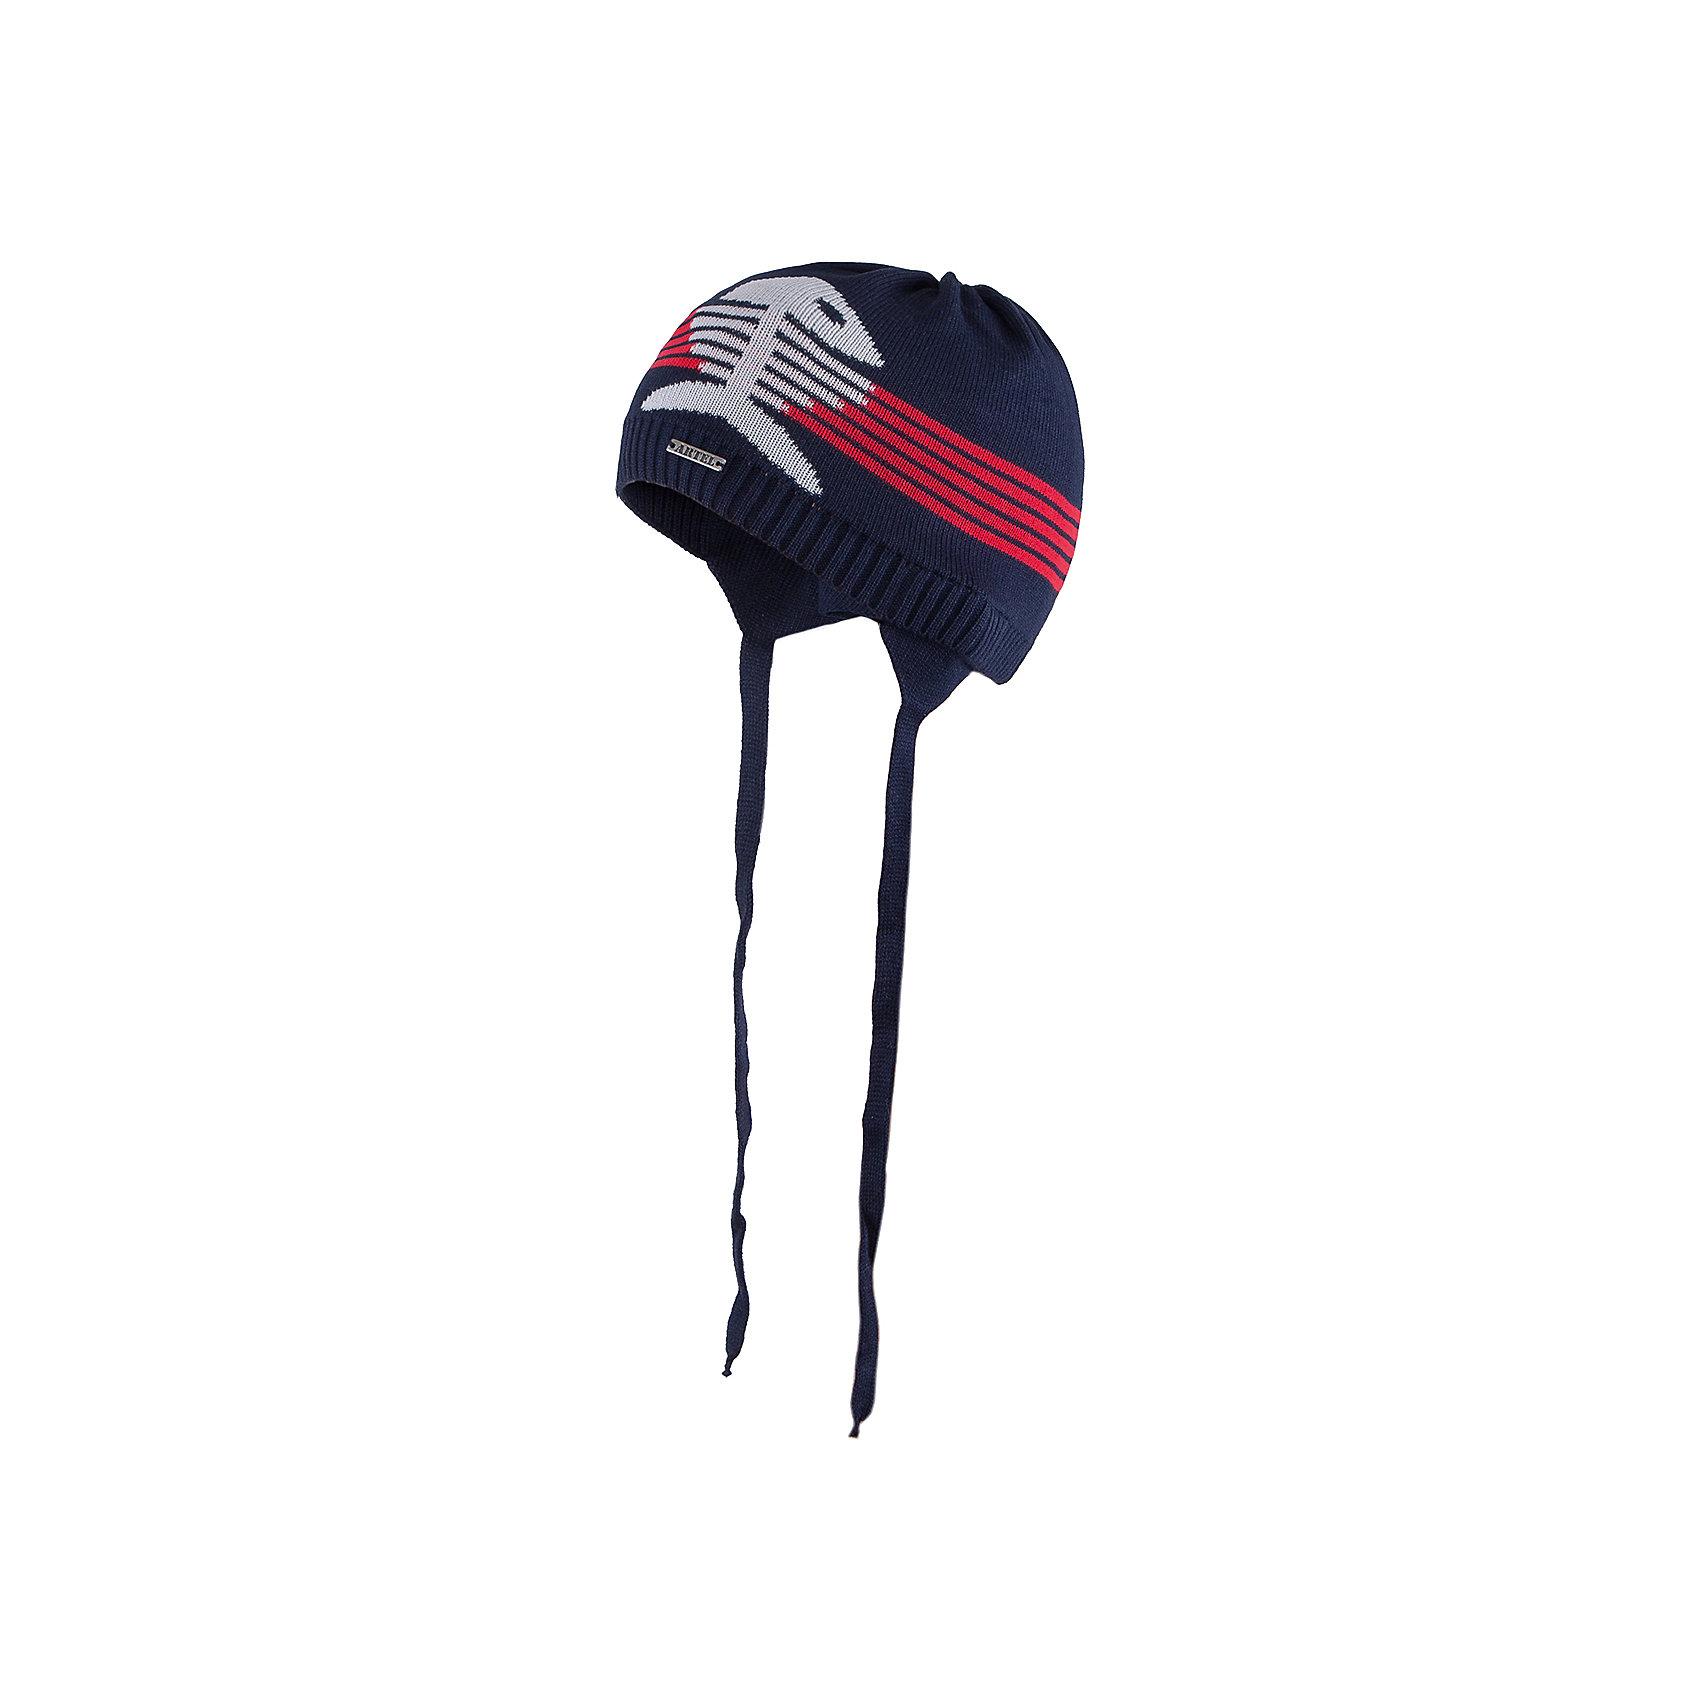 Шапка для мальчика АртельШапка для мальчика от торговой марки Артель <br><br>Модная шапка отлично смотрится на детях, обеспечивает комфорт и тепло. Изделие выполнено из качественных материалов, вязка плотная. Смешанный состав пряжи обеспечит износостойкость и удобство. Отличный вариант для переменной погоды межсезонья! <br>Одежда от бренда Артель – это высокое качество по приемлемой цене и всегда продуманный дизайн. <br><br>Особенности модели: <br>- цвет — синий; <br>- украшена вывязанной рыбой;<br>- пряжа смешанного состава. <br><br>Дополнительная информация: <br><br>Состав: 50% хлопок, 50% пан.<br><br><br>Температурный режим: <br>От -5 °C до +15 °C <br><br>Шапку для мальчика Артель (Artel) можно купить в нашем магазине.<br><br>Ширина мм: 89<br>Глубина мм: 117<br>Высота мм: 44<br>Вес г: 155<br>Цвет: синий<br>Возраст от месяцев: 9<br>Возраст до месяцев: 12<br>Пол: Мужской<br>Возраст: Детский<br>Размер: 46,52,50,48<br>SKU: 4500510